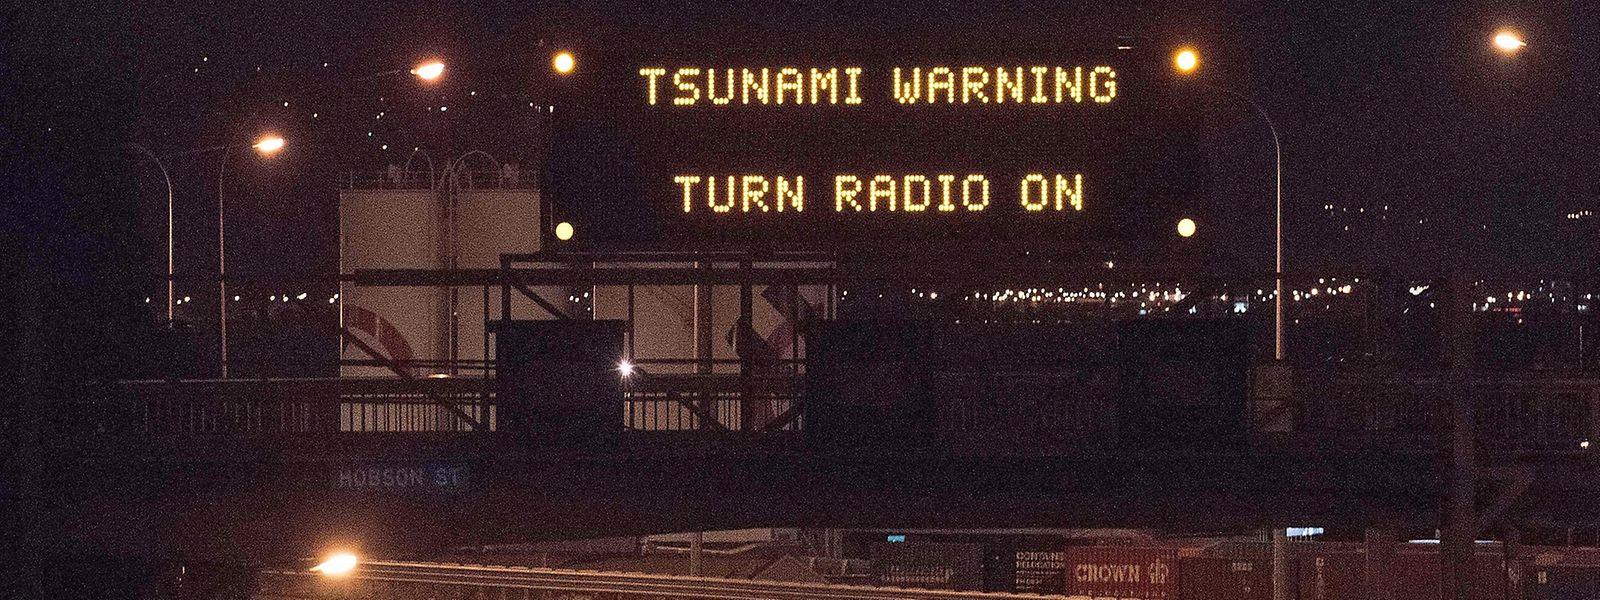 Der Zivilschutz warnt vor einem Tsunami.